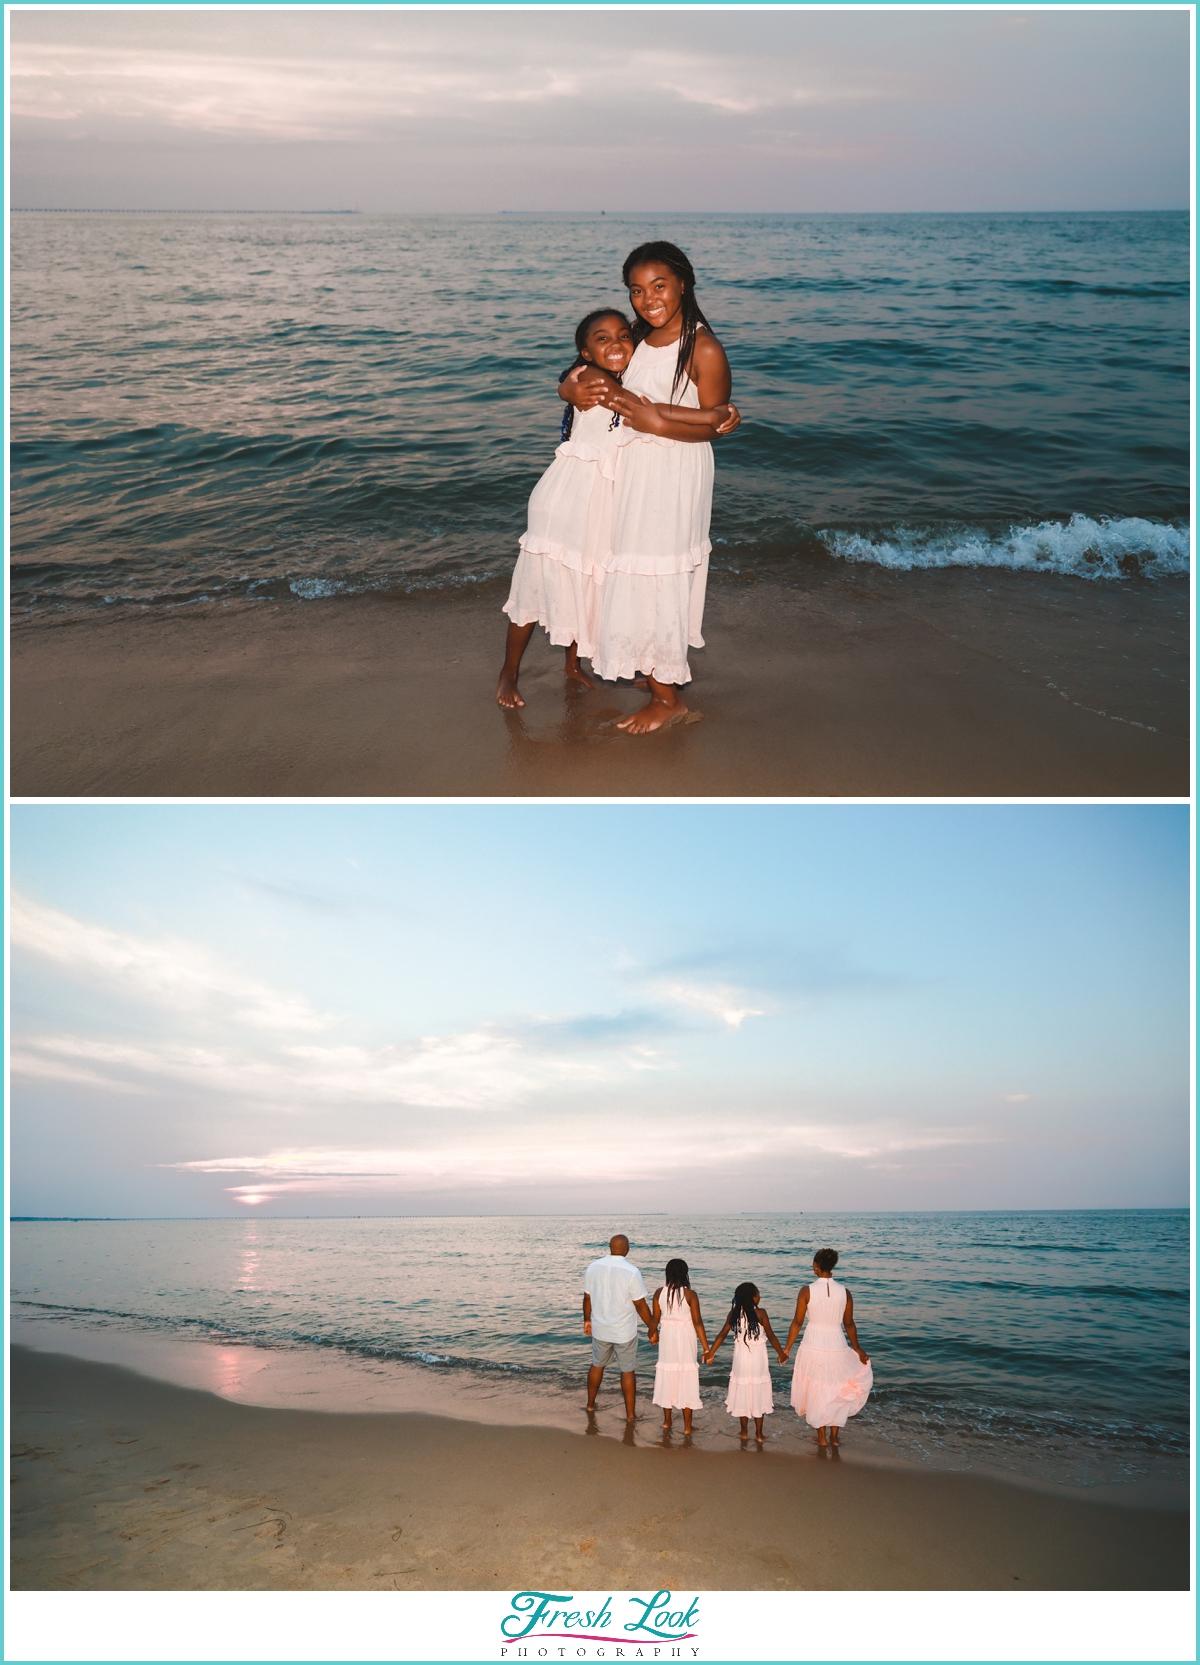 sunset on the beach photoshoot